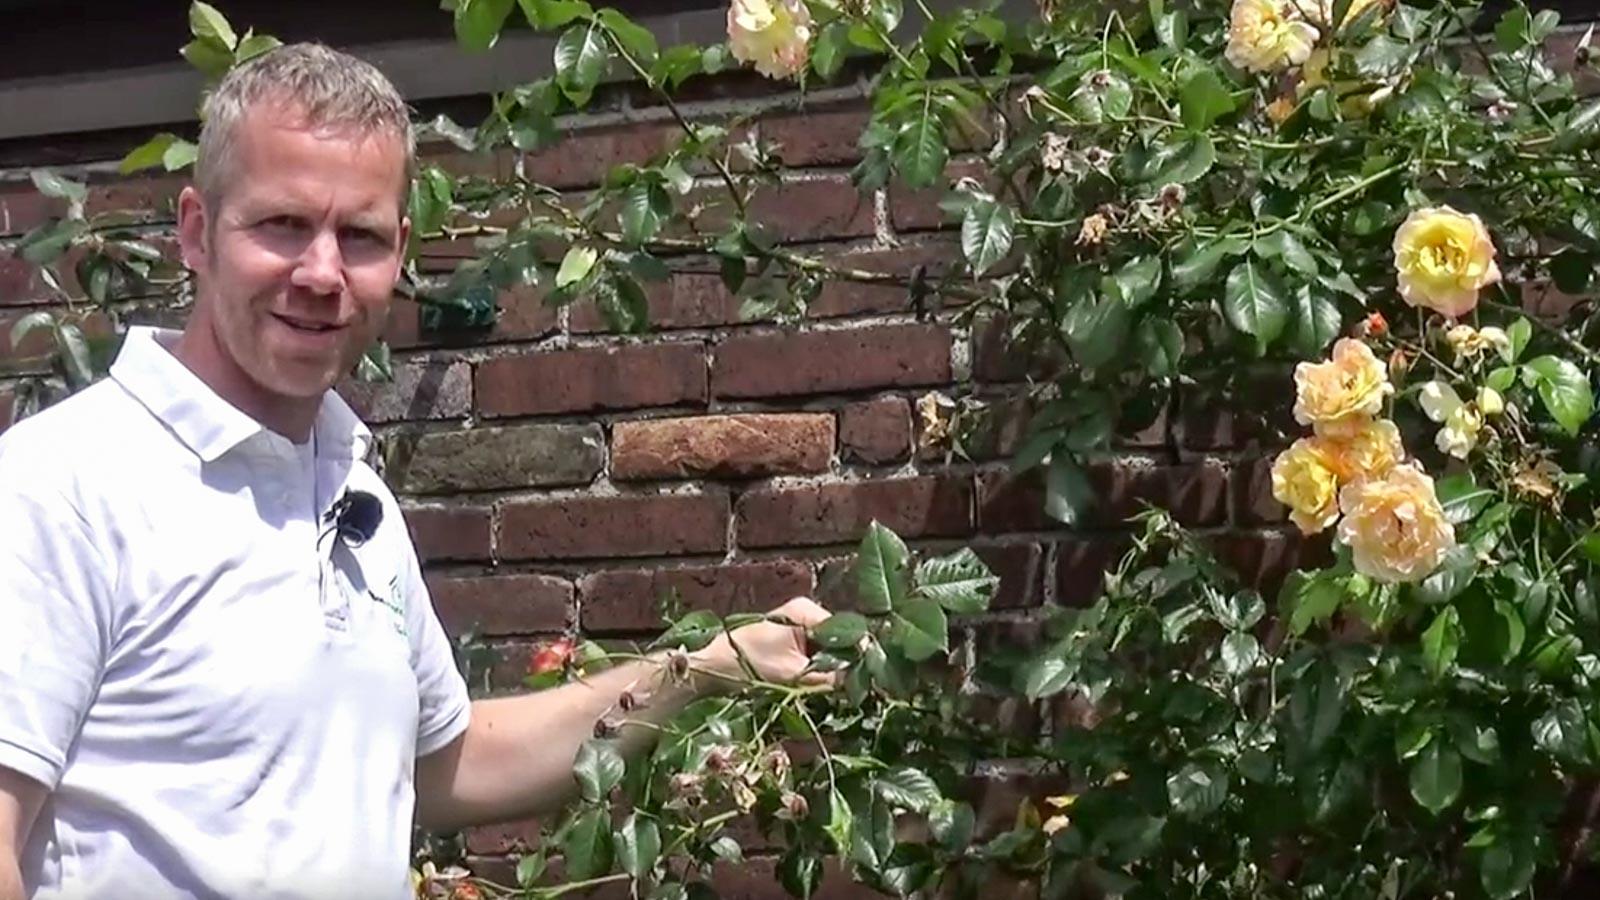 Gartenberater Philippe Dahlmann vor einer Mauer mit Rosen